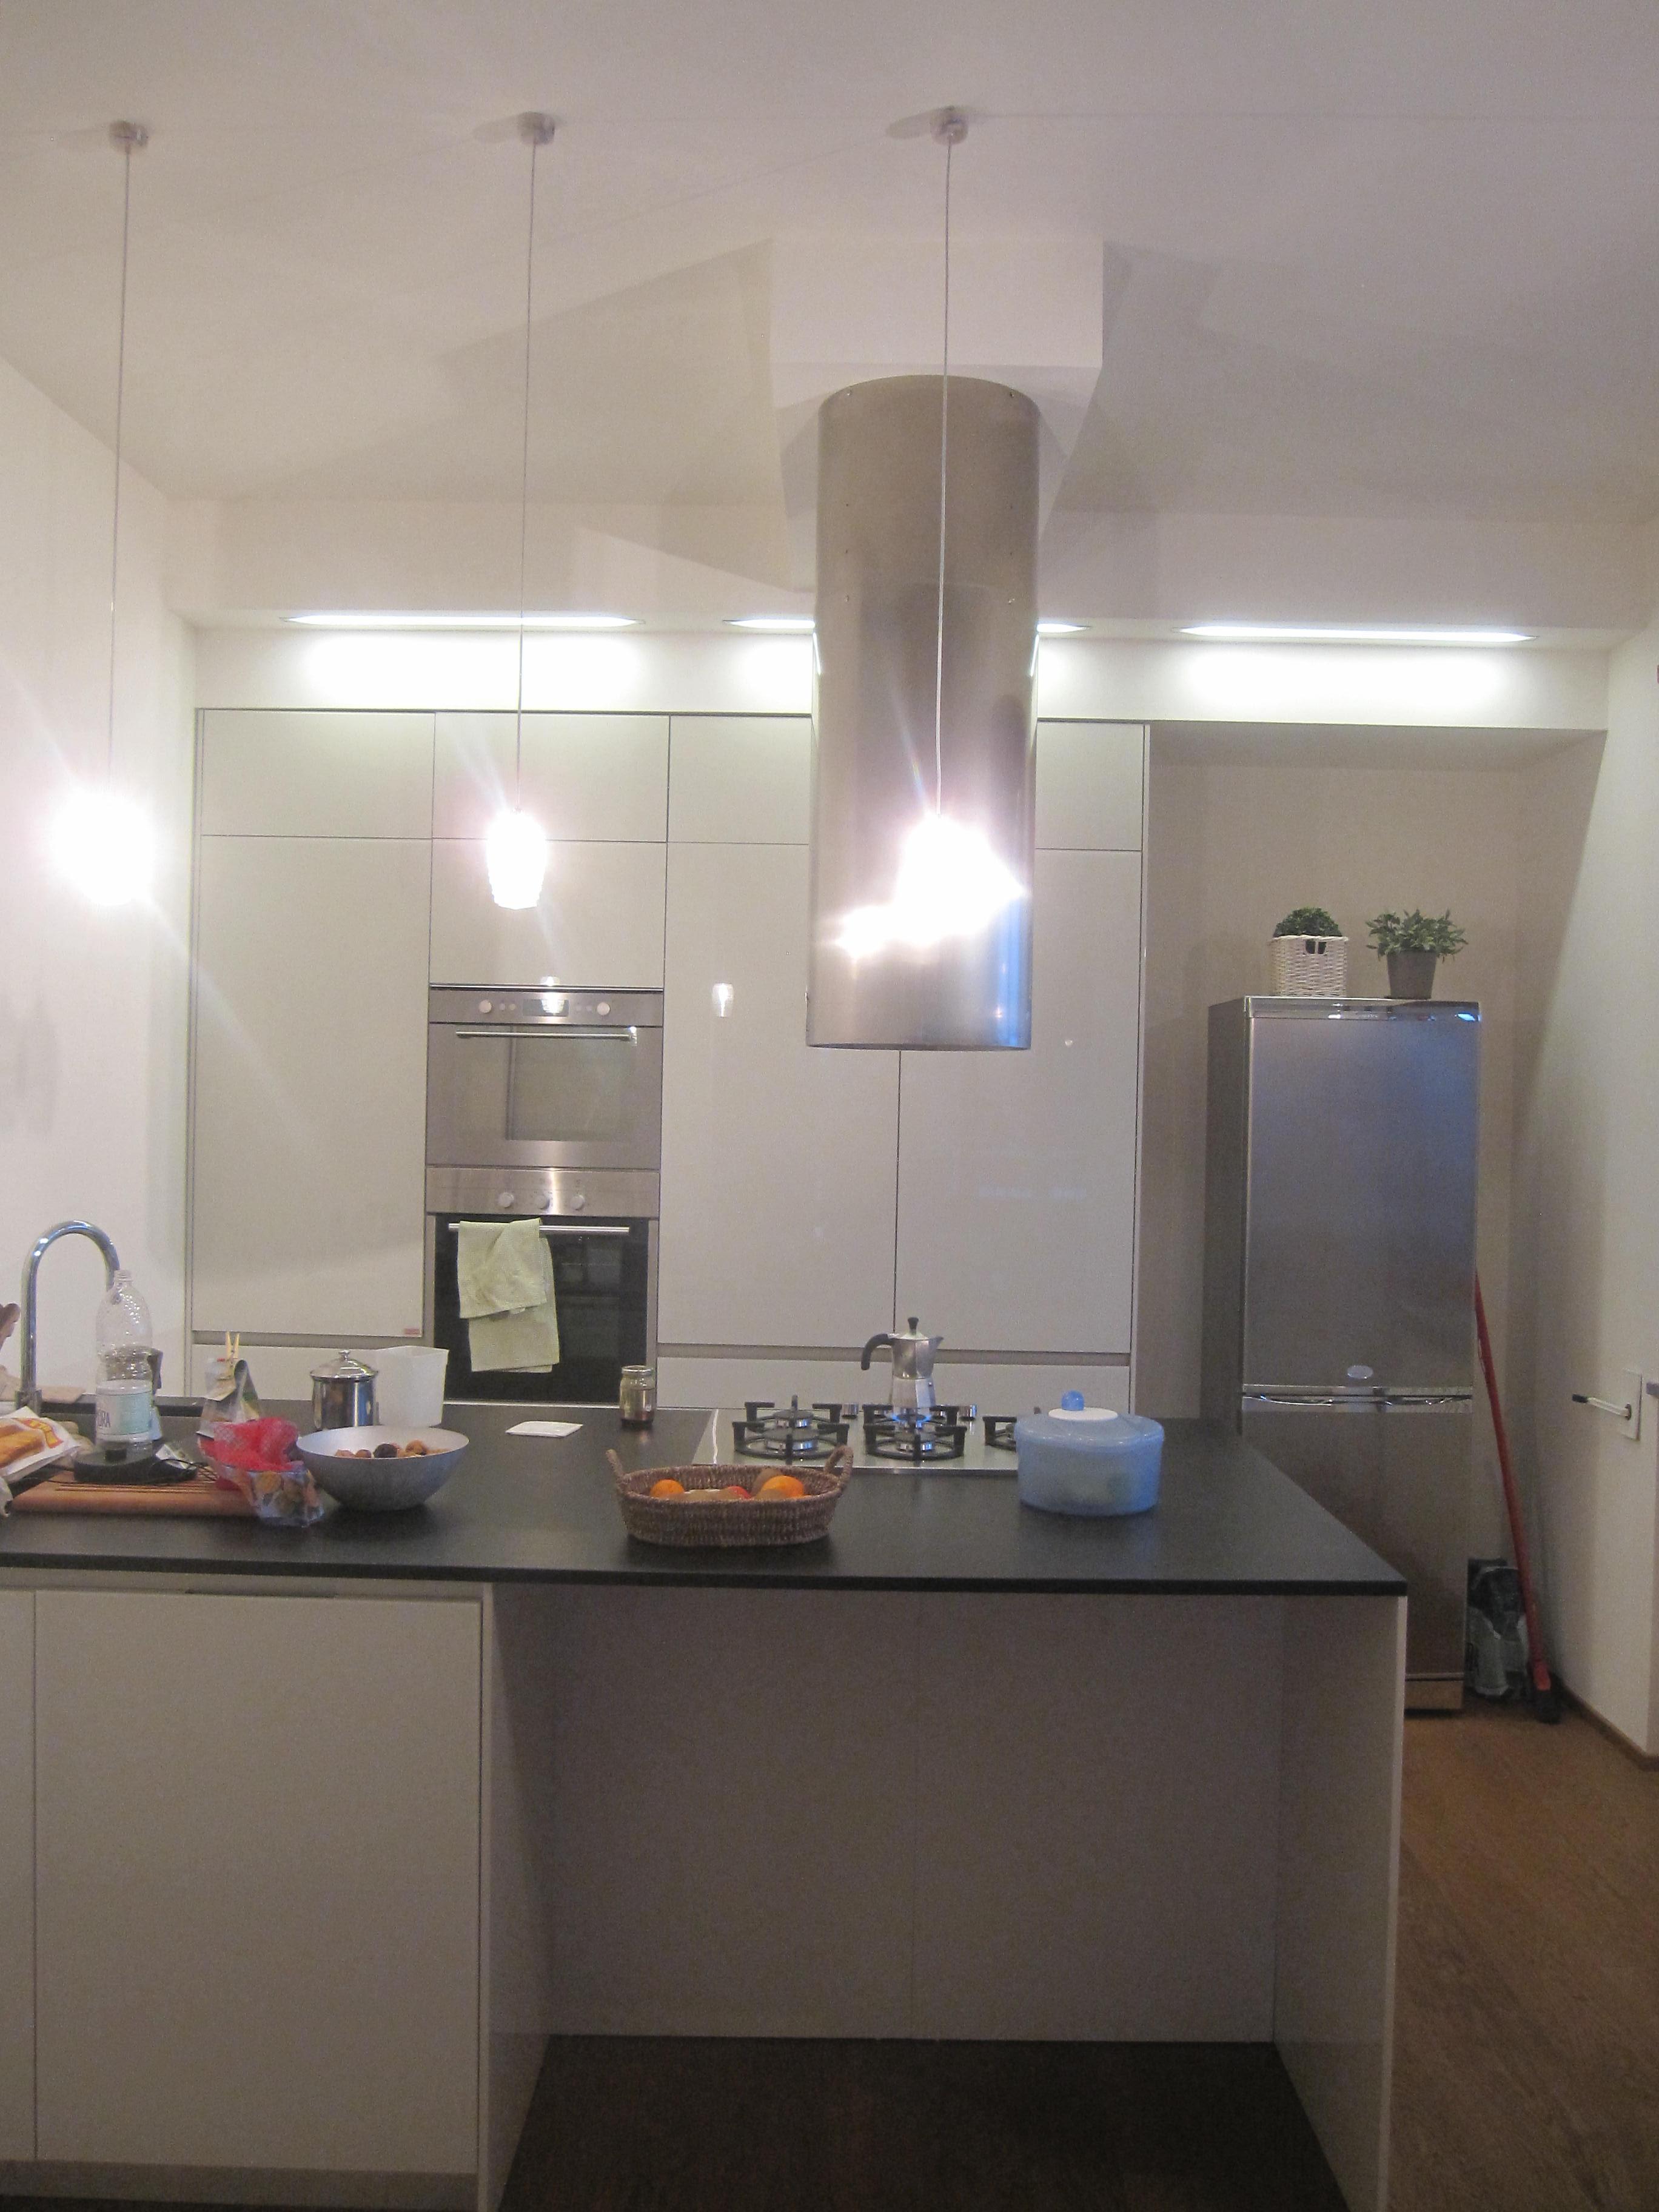 Ristrutturazione appartamenti Torino, ristrutturazione di interni Torino